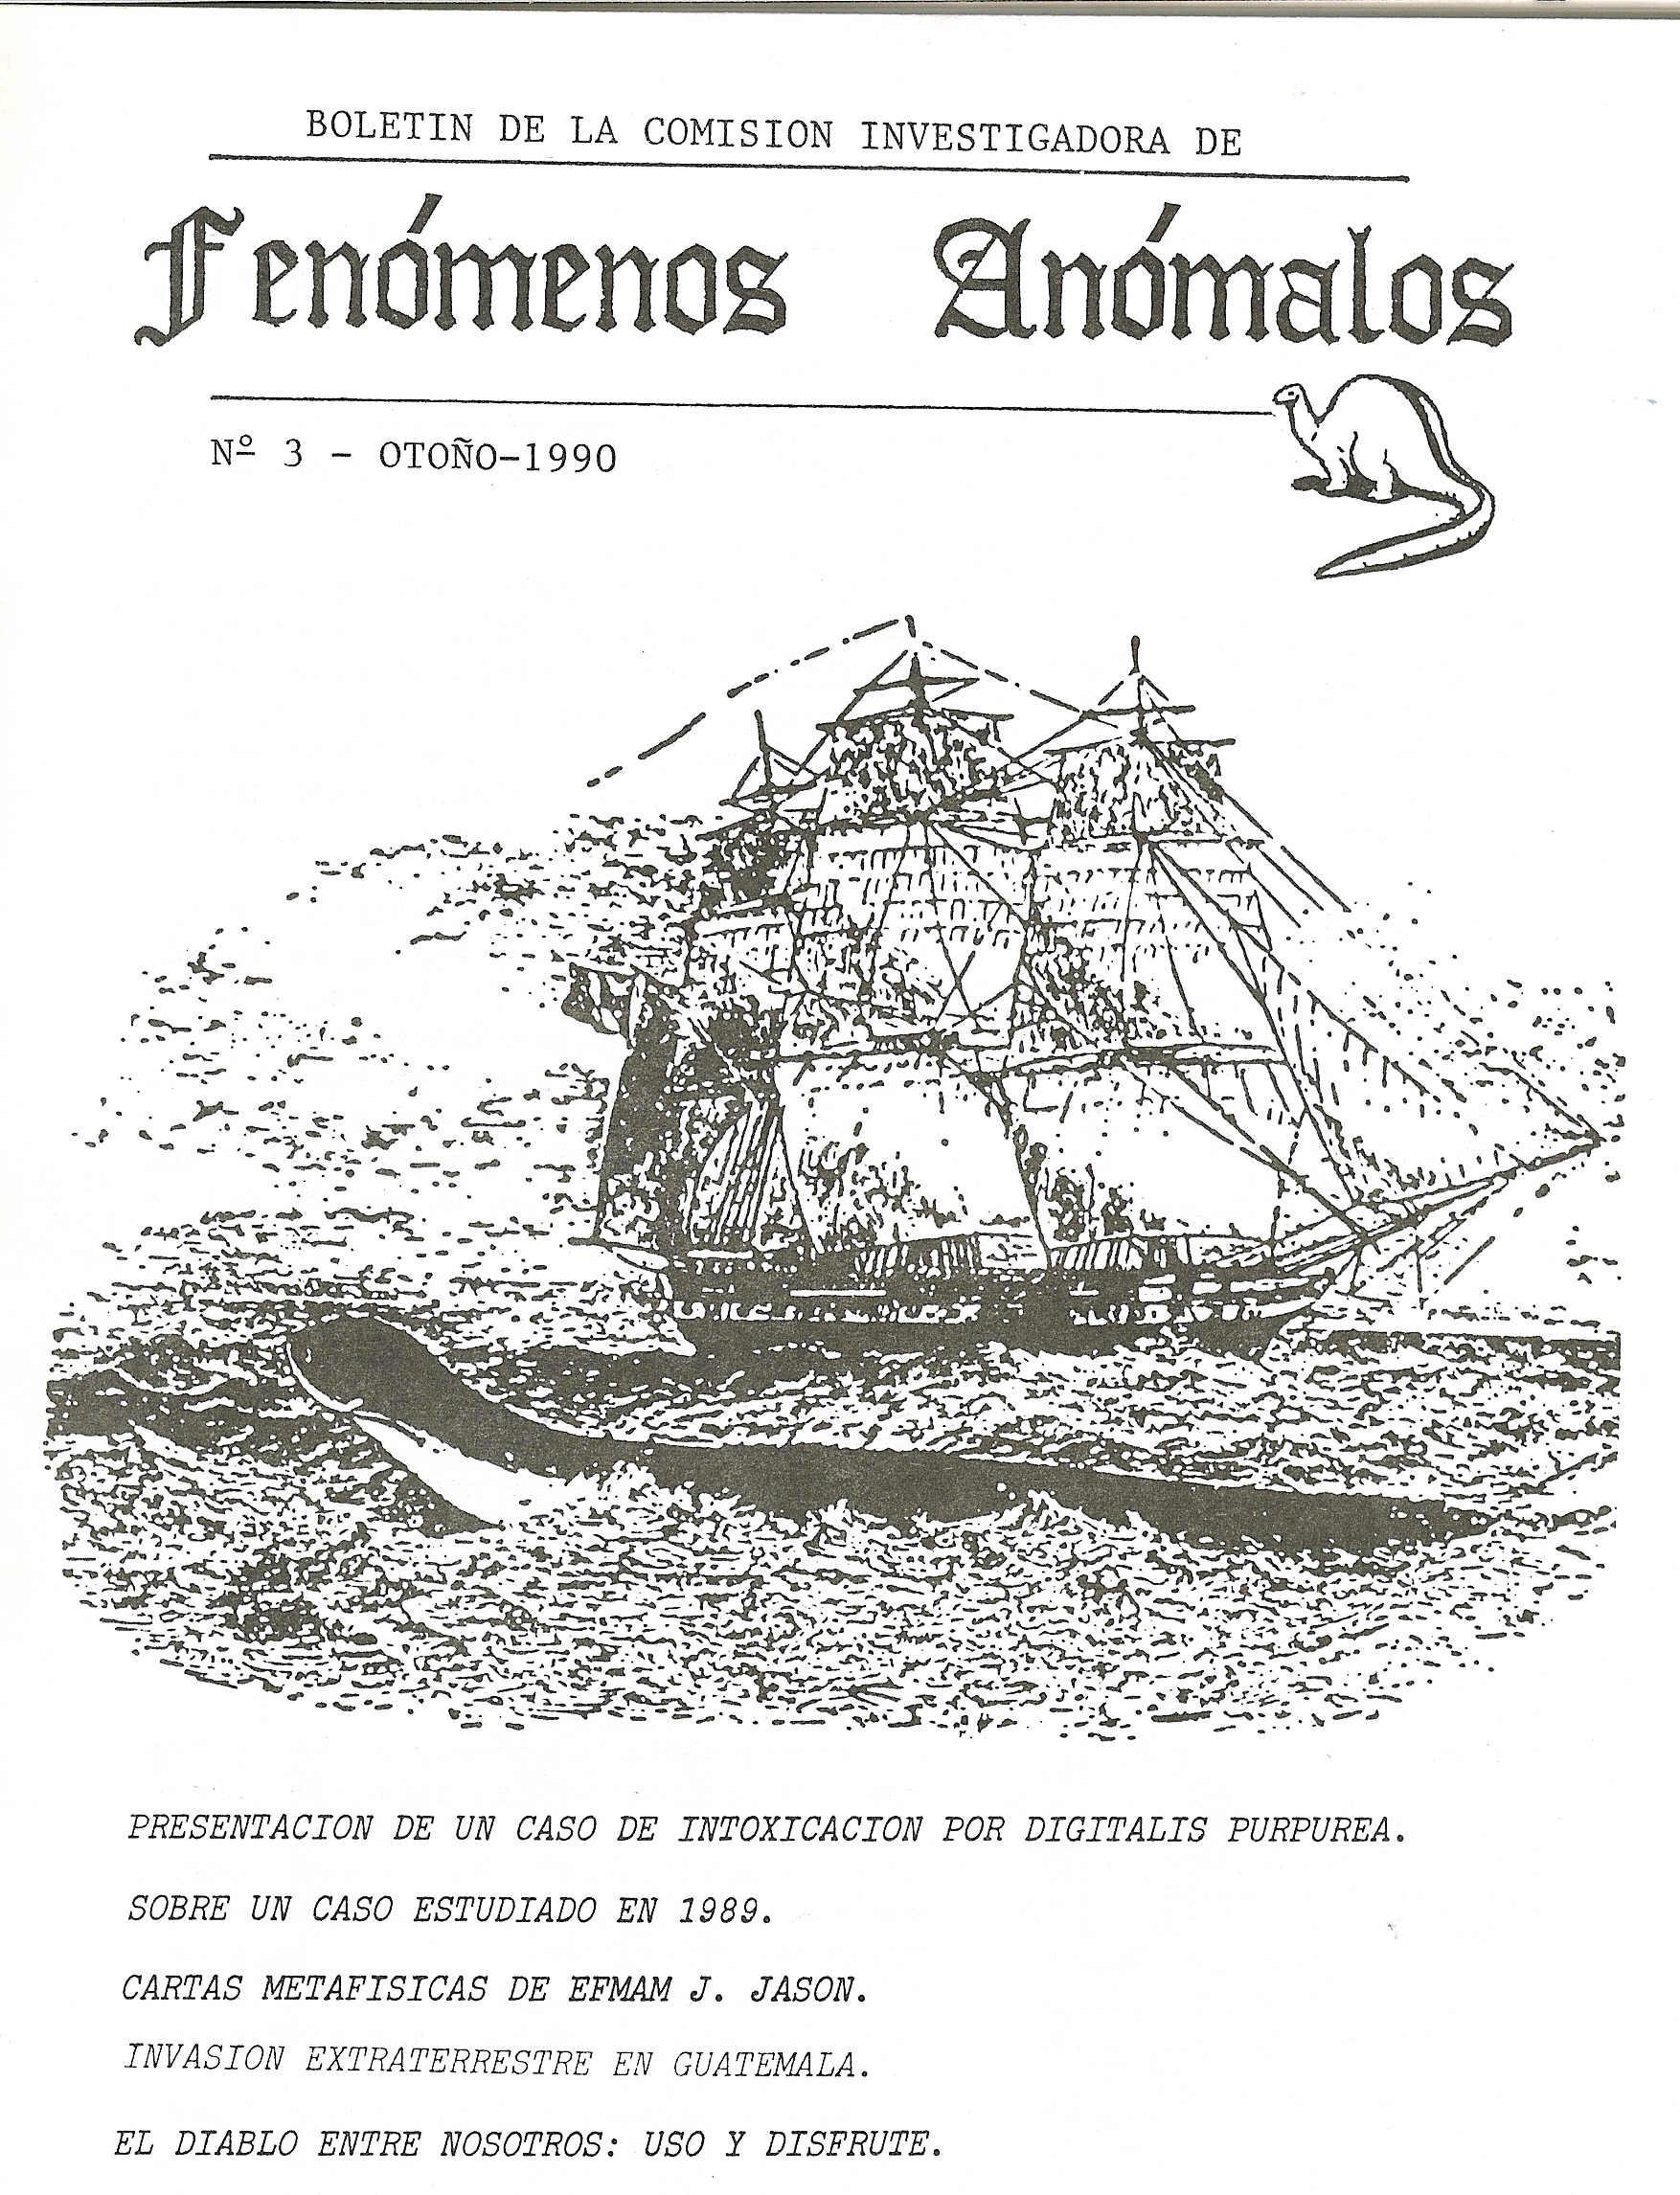 Comisión de Fenómenos Anómalos nº 3